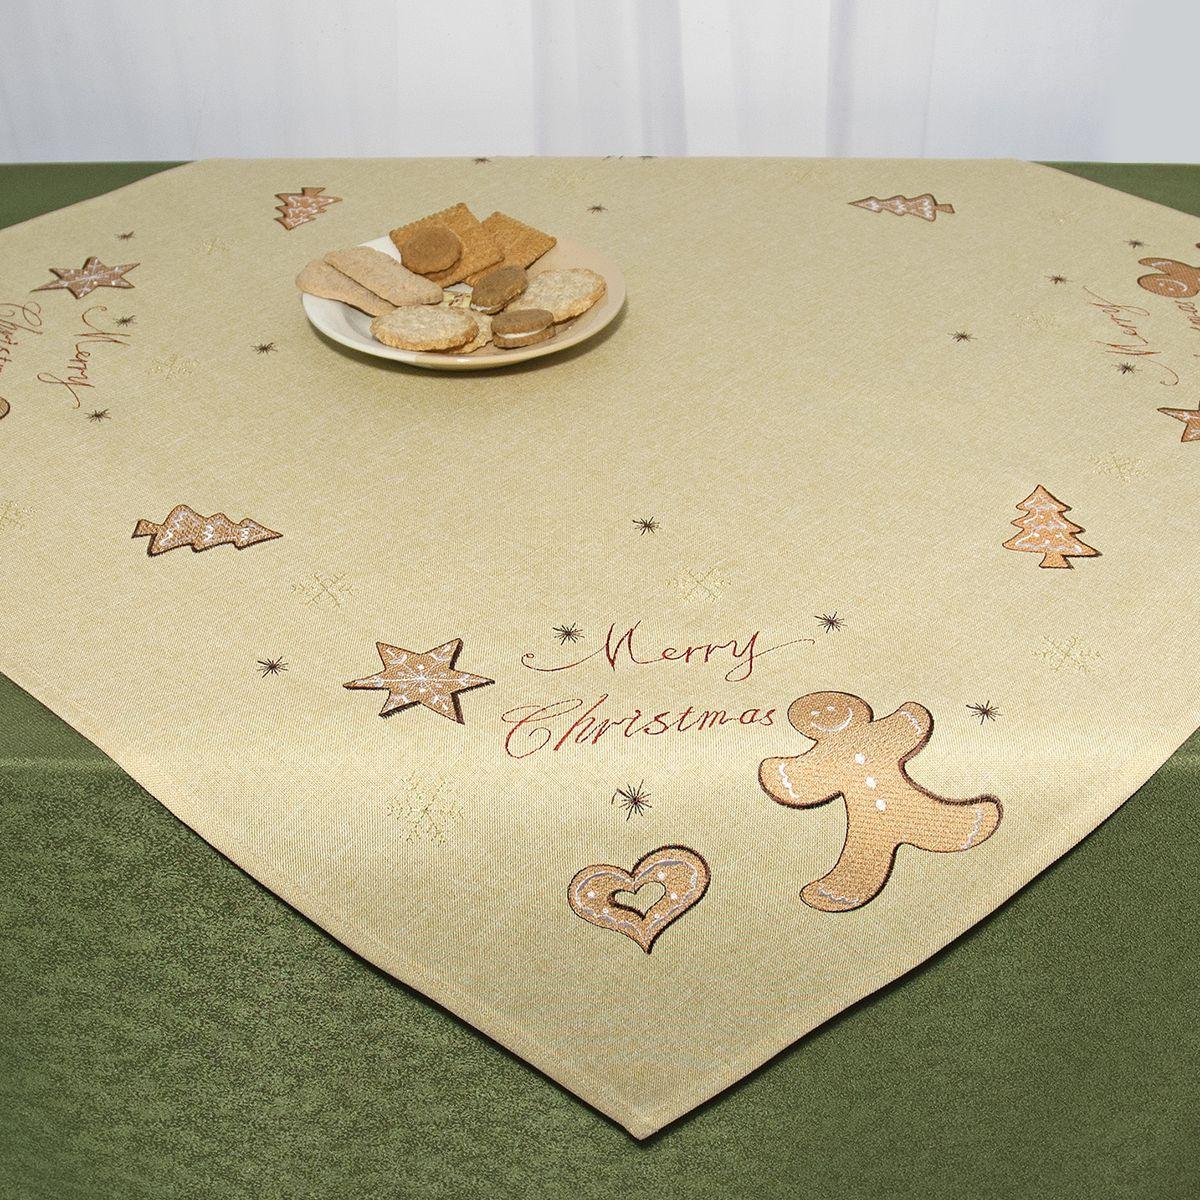 Скатерть Schaefer, квадратная, цвет: бежевый, 85 x 85 см 07674-10003564-СК-ГБ-003Квадратная скатерть Schaefer, выполненная из полиэстера, станет украшением новогоднего стола. Изделие декорировано оригинальной вышивкой в виде пряников, снежинок и надписи: Merry Christmas. За текстилем из полиэстера очень легко ухаживать: он легко стирается, не мнется, не садится и быстро сохнет, более долговечен, чем текстиль из натуральных волокон.Использование такой скатерти сделает застолье торжественным, поднимет настроение гостей и приятно удивит их вашим изысканным вкусом. Это текстильное изделие станет изысканным украшением вашего дома!